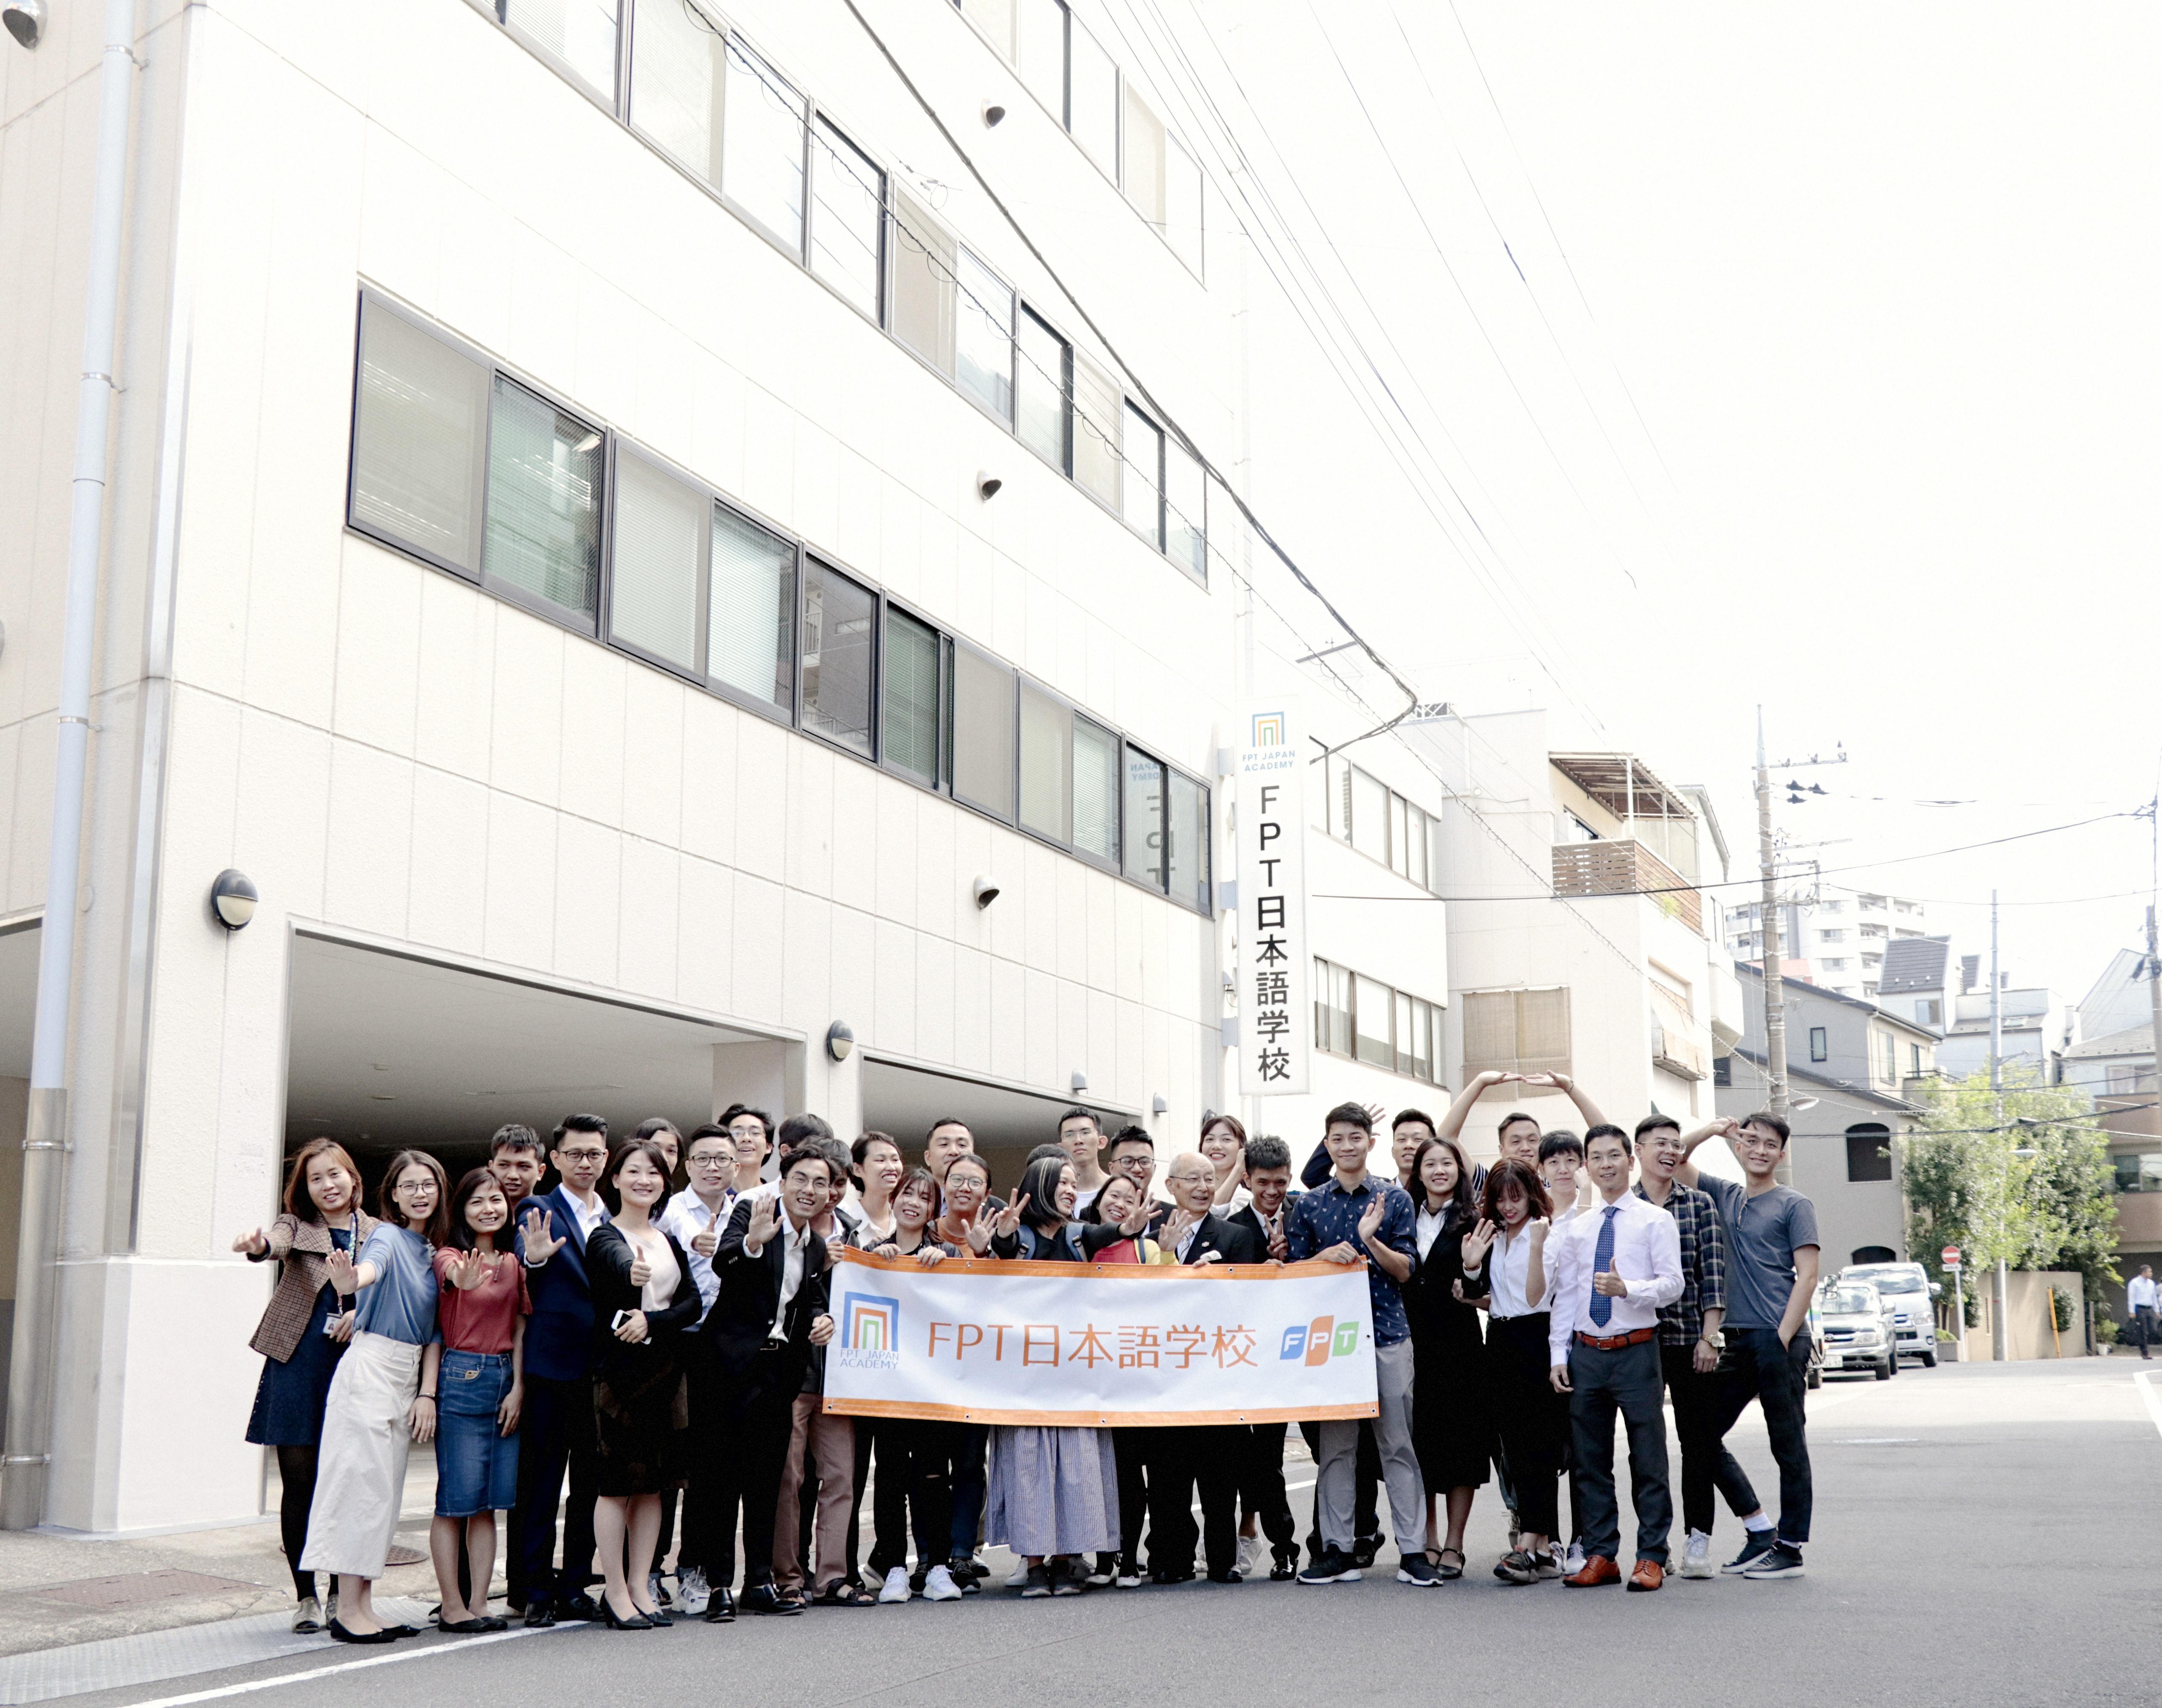 Trong thời gian tới, Học viện FPT Japan sẽ kết hợp với các doanh nghiệp để định hướng nhu cầu nguồn lực trong 2-3 năm tiếp theo, nhằm đưa vào các chương trình đào tạo gần với nhu cầu sử dụng nguồn lực. Bên cạnh đó, mở rộng phạm vi tuyển sinh ra khỏi Việt Nam. Trước đó lễ khai trương Học viện FPT Japan (tên thường gọi là Trường Nhật ngữ FPT) đã diễn ra vào chiều ngày 2/10 tại Tokyo. Tham dự buổi lễ có Đại sứ Việt Nam tại Nhật, lãnh đạo FPT Software và gần 100 khách mời là đại diện các doanh nghiệp, trường đào tạo tại Nhật.